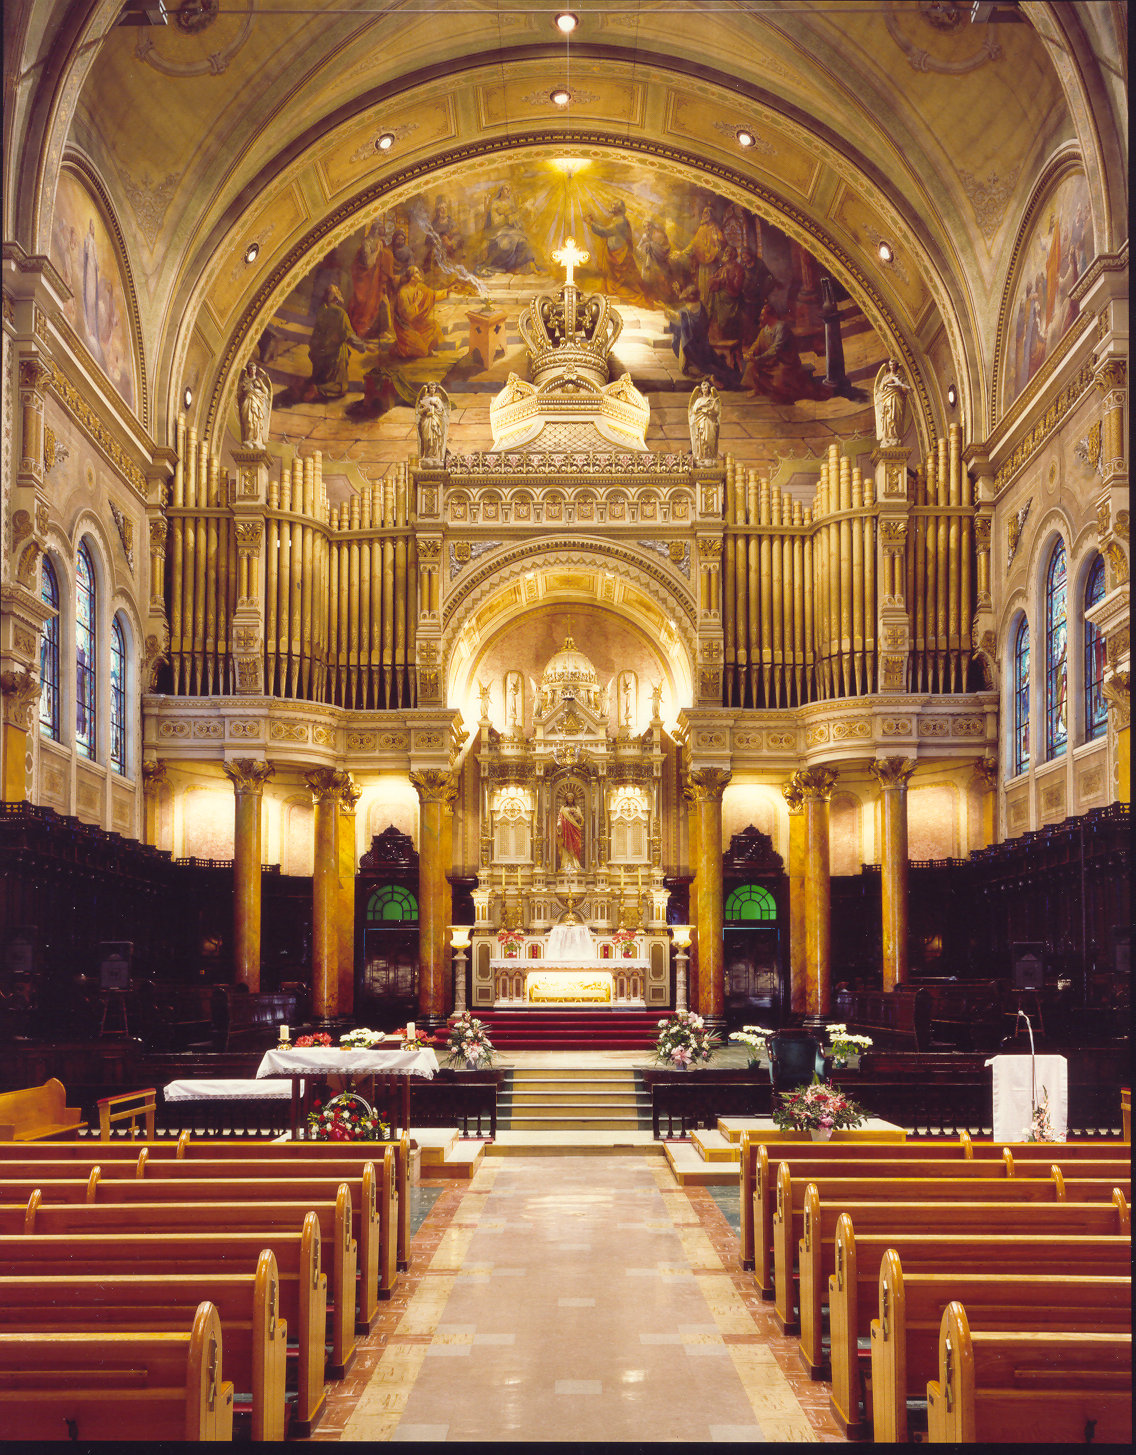 Église du Très-Saint-Nom-de-Jésus, Montréal, QC - orgue du sanctuaire